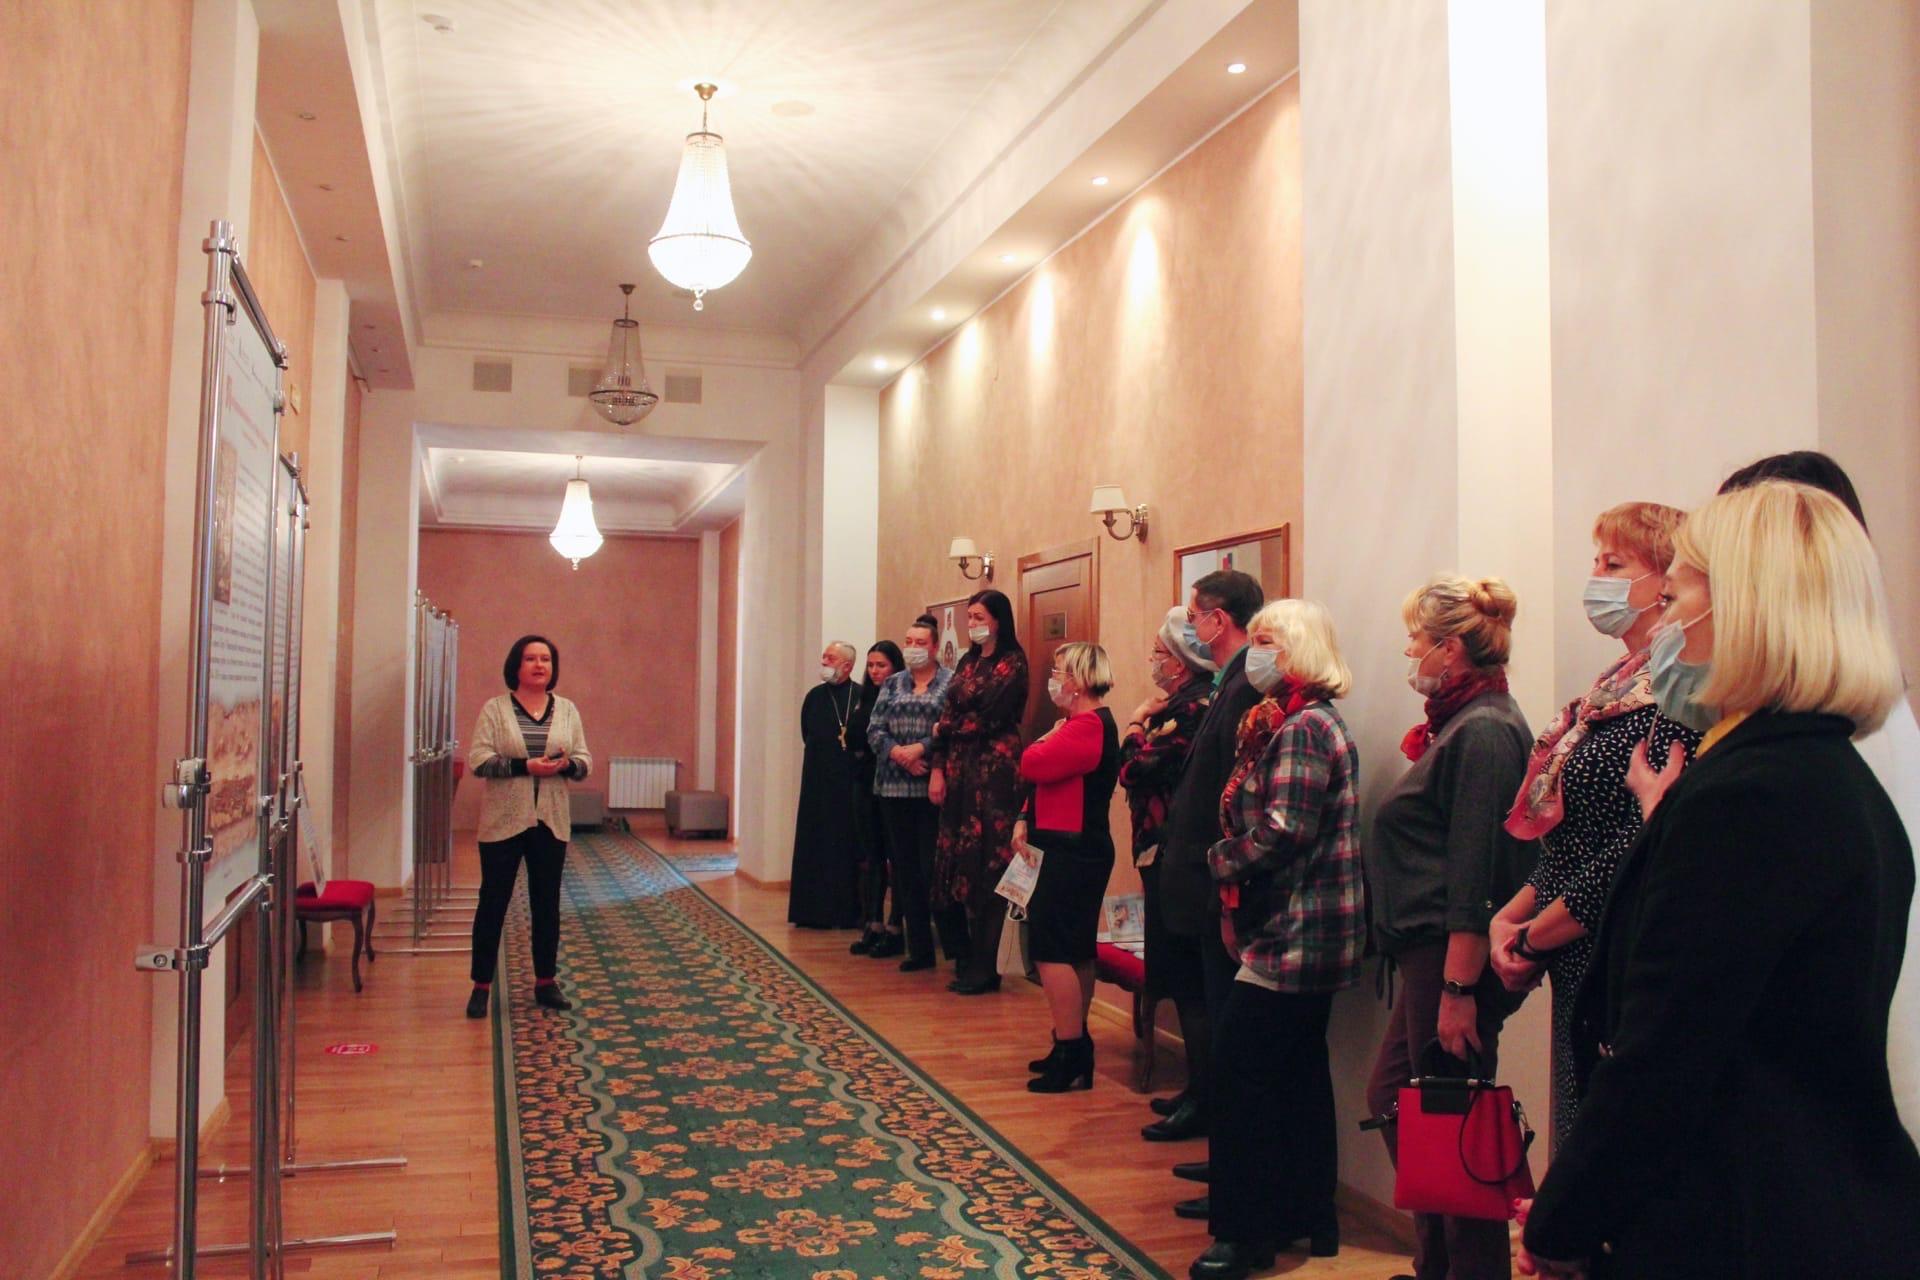 Преображенский иконостас: из Кёнигсберга в Калининград